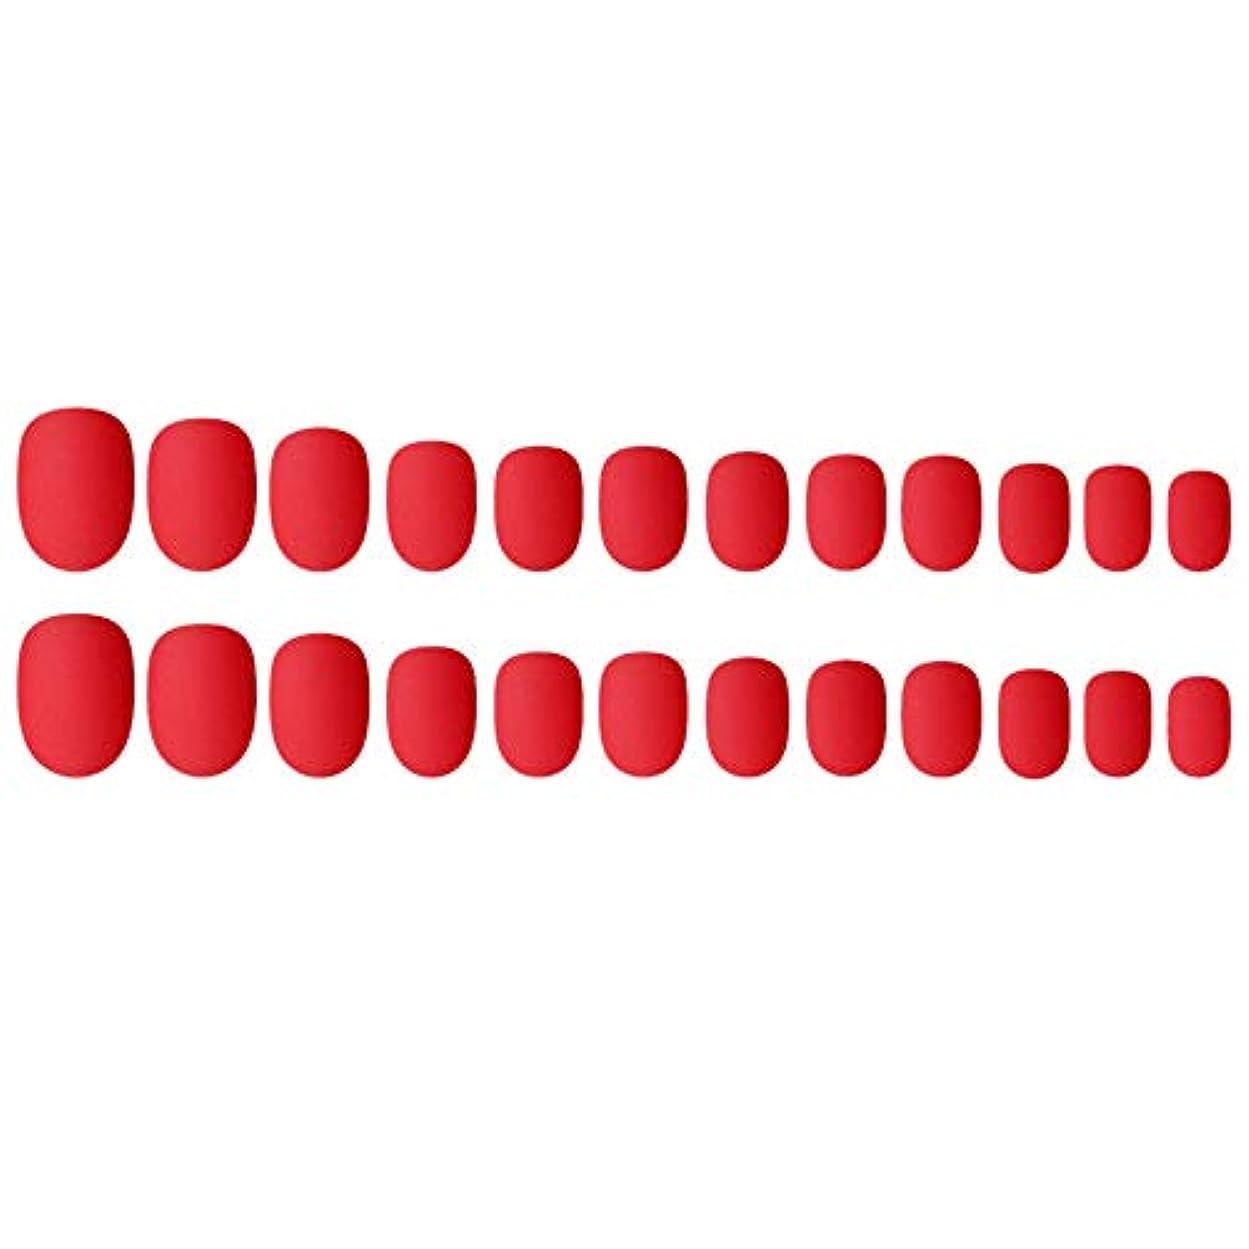 宿泊攻撃ヒステリックDecdeal ネイルチップ 24ピース 偽ネイルのヒント 12種類のサイズ ネイルサロン diy ネイルアートツール